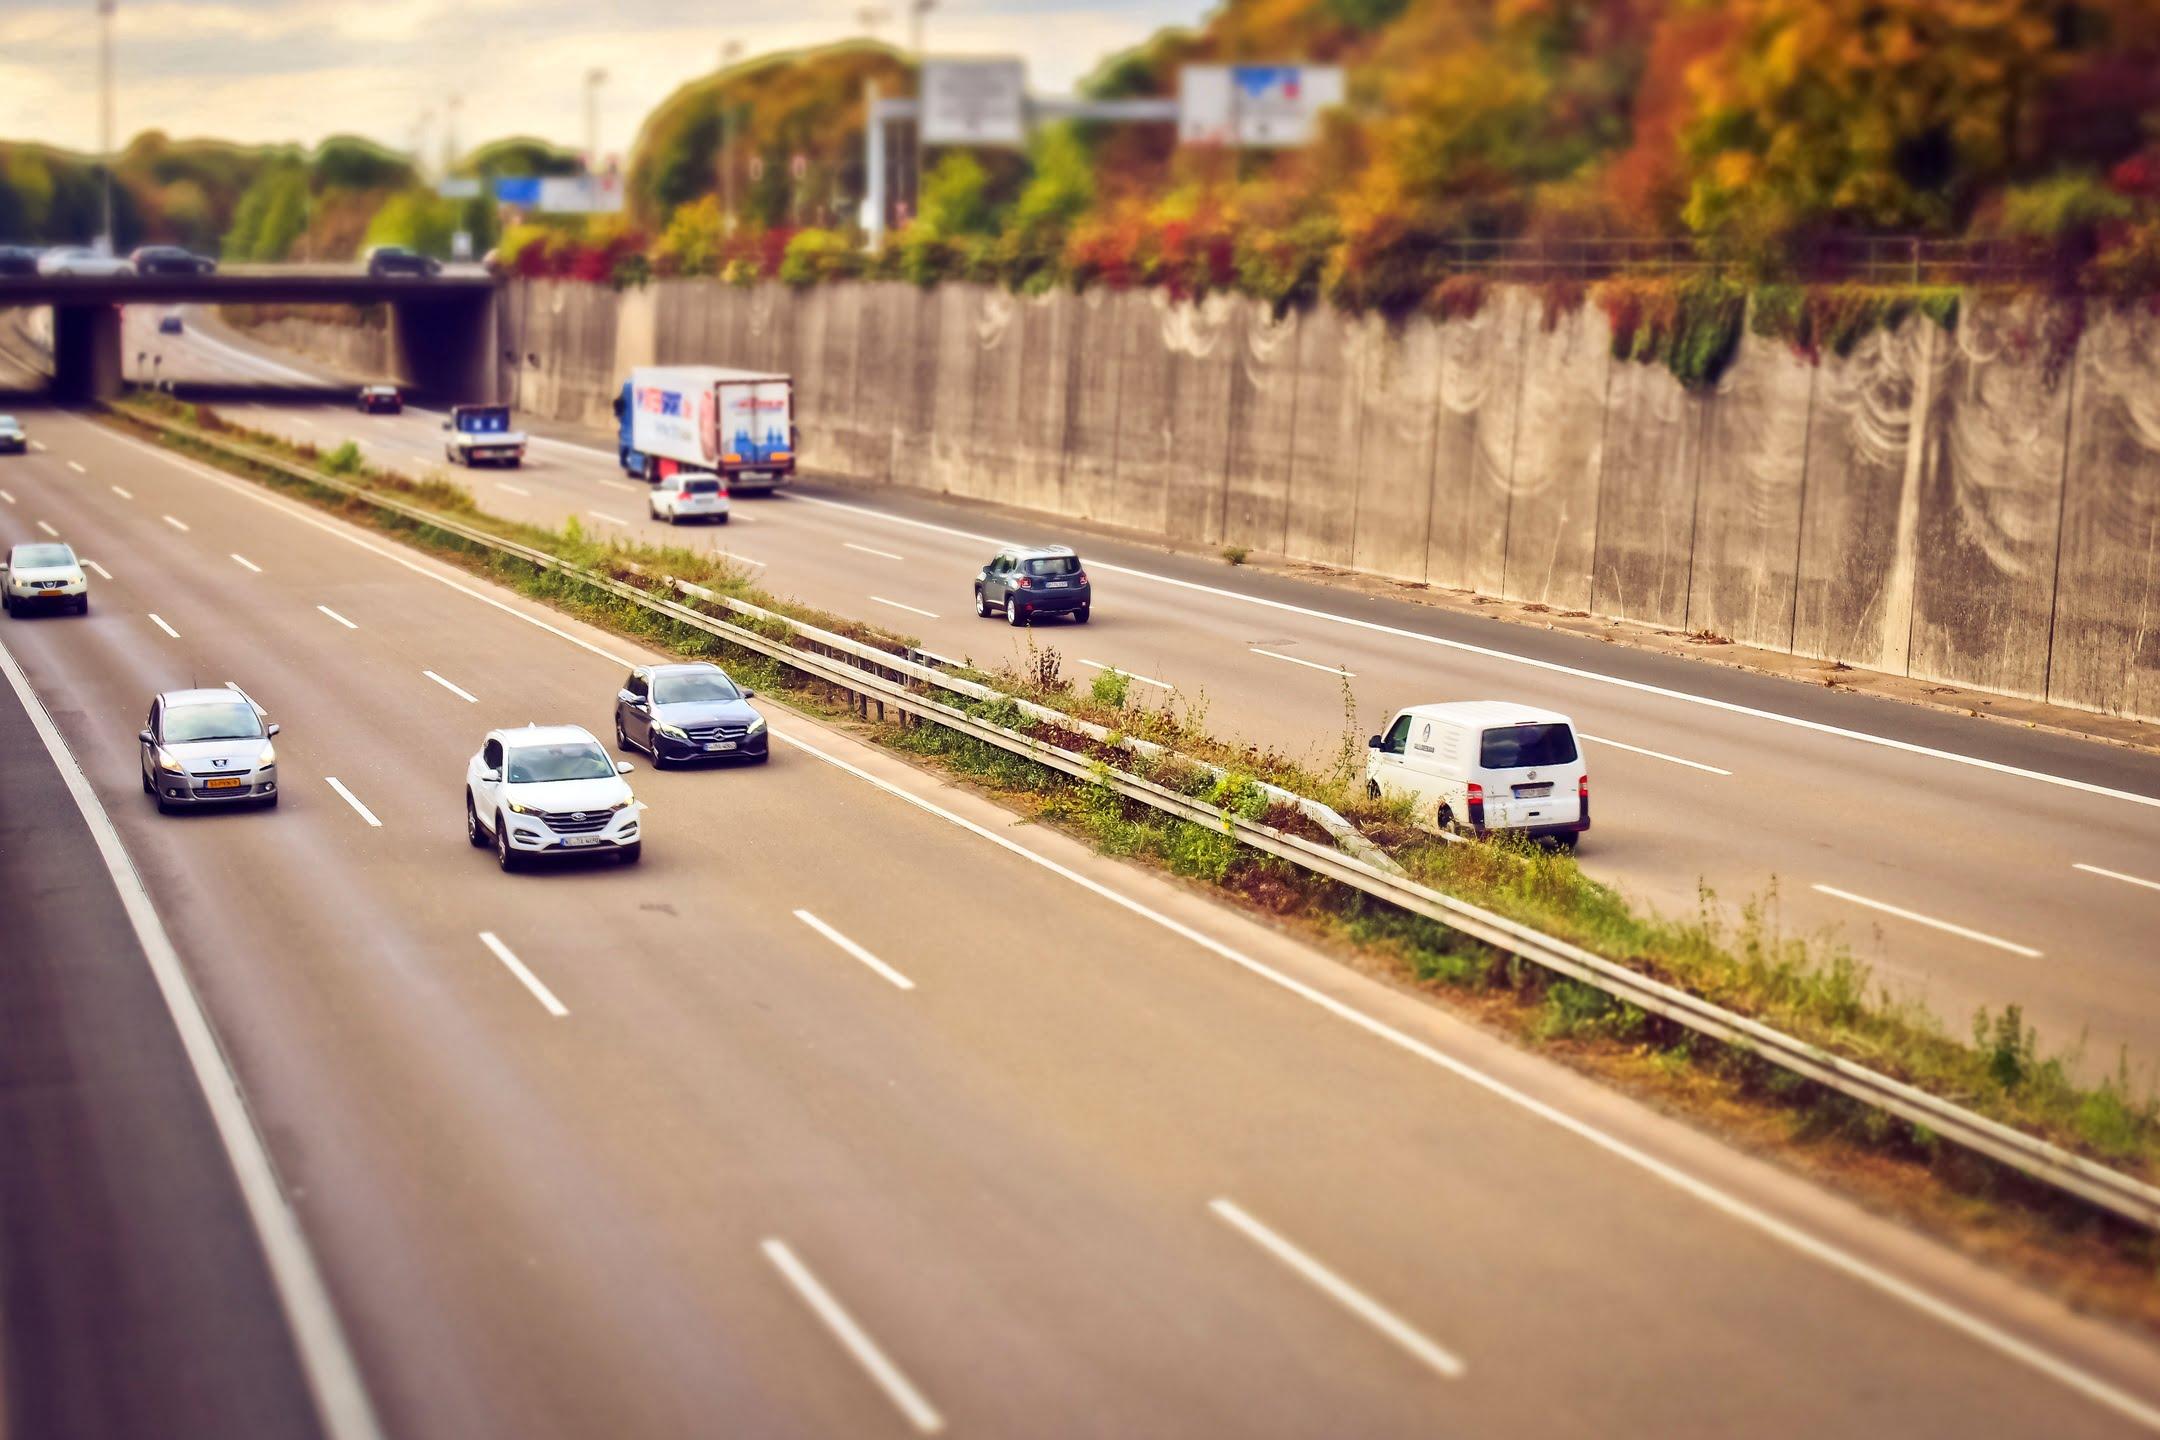 auta, samochody, droga, motoryzacja